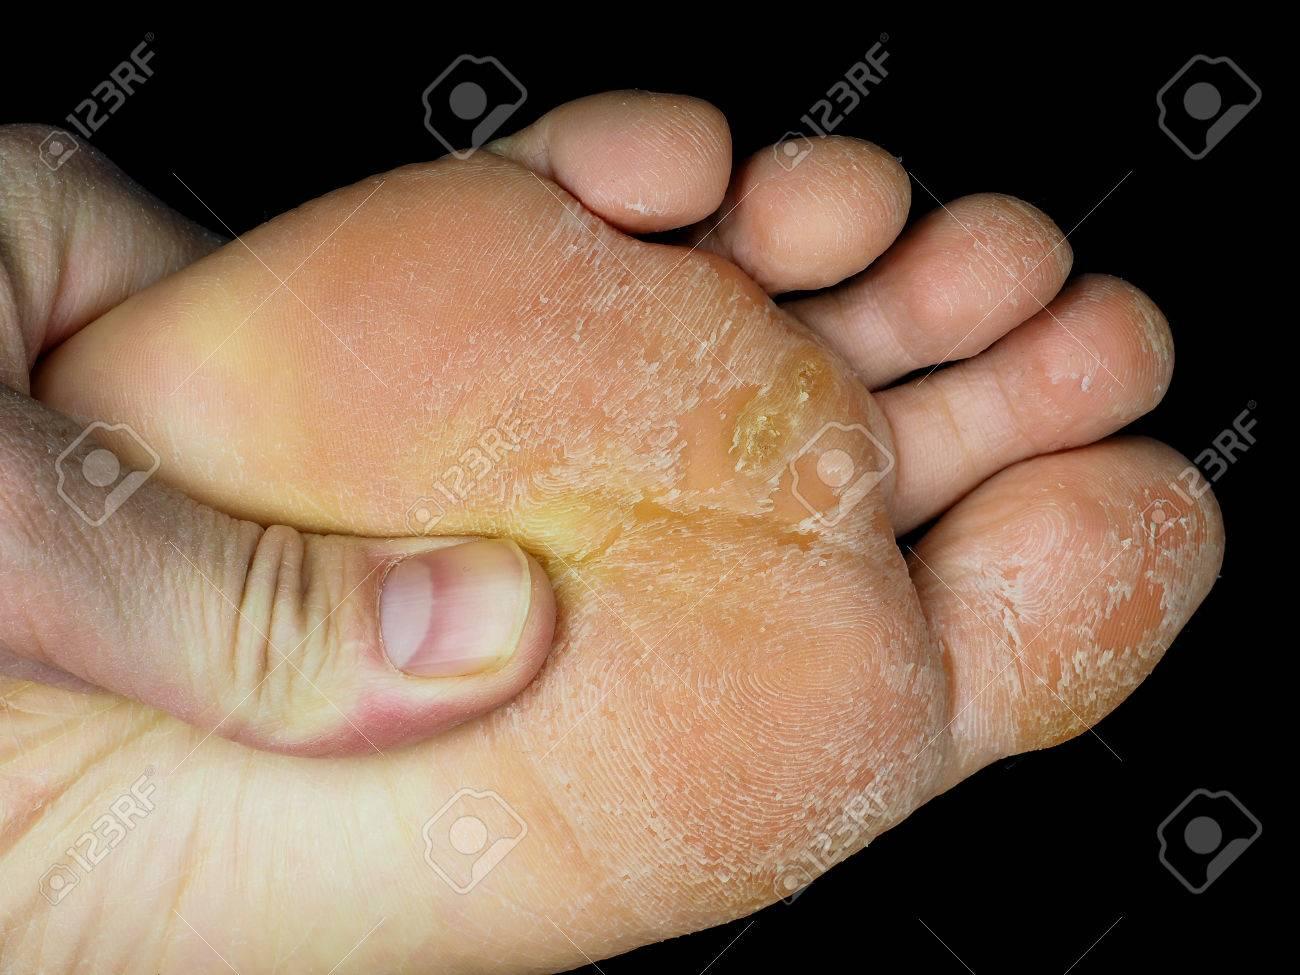 foot skin peeling off